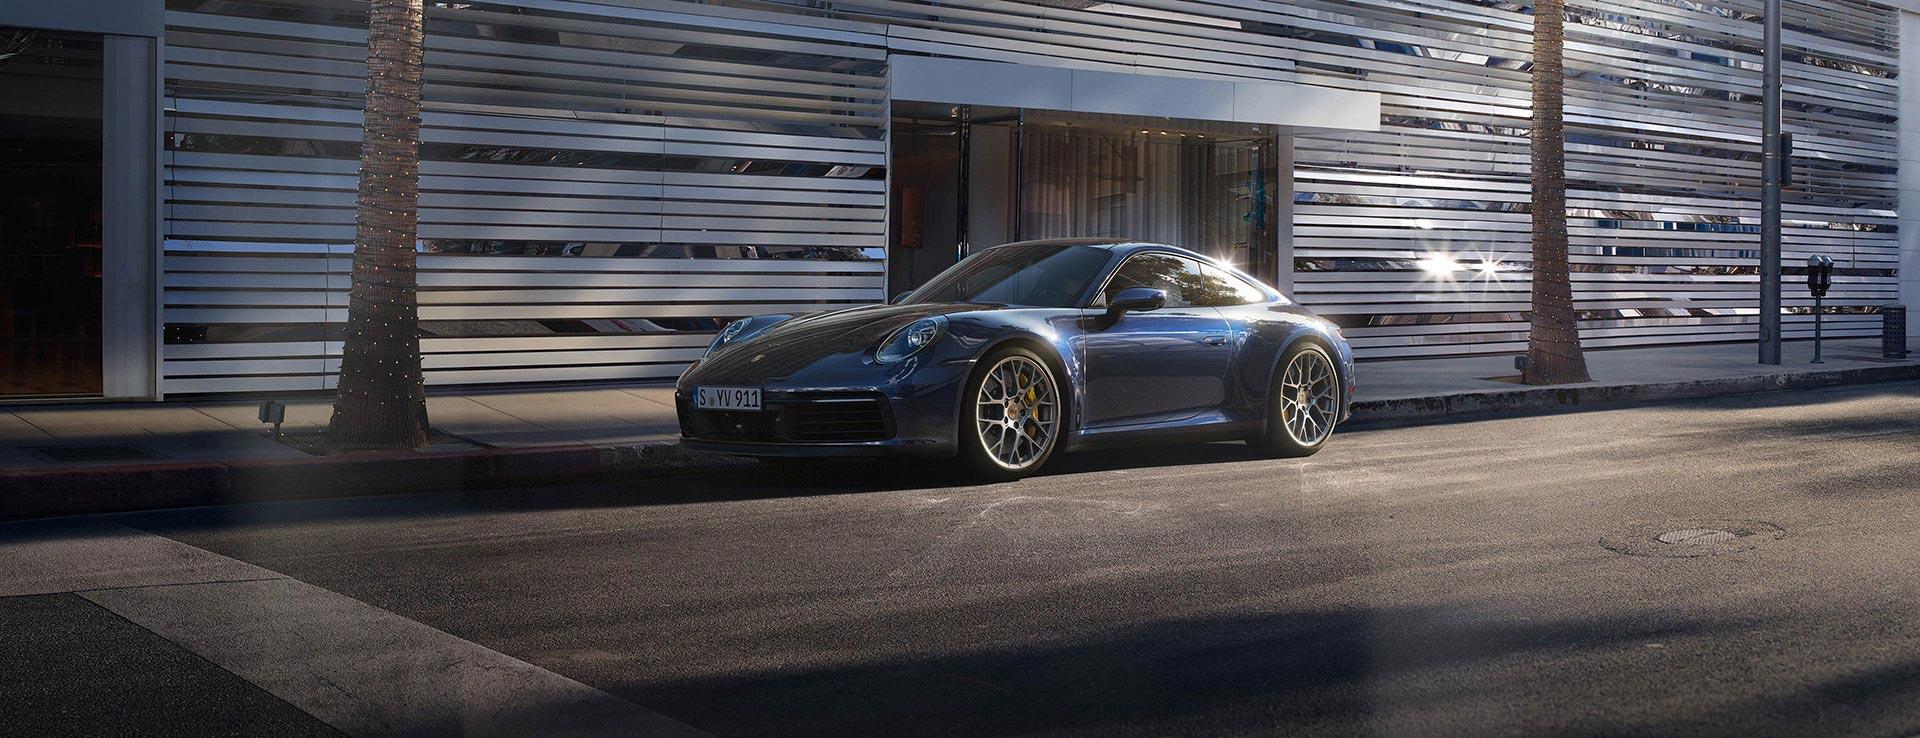 Porsche - Zamanının ötesinde bir makine.